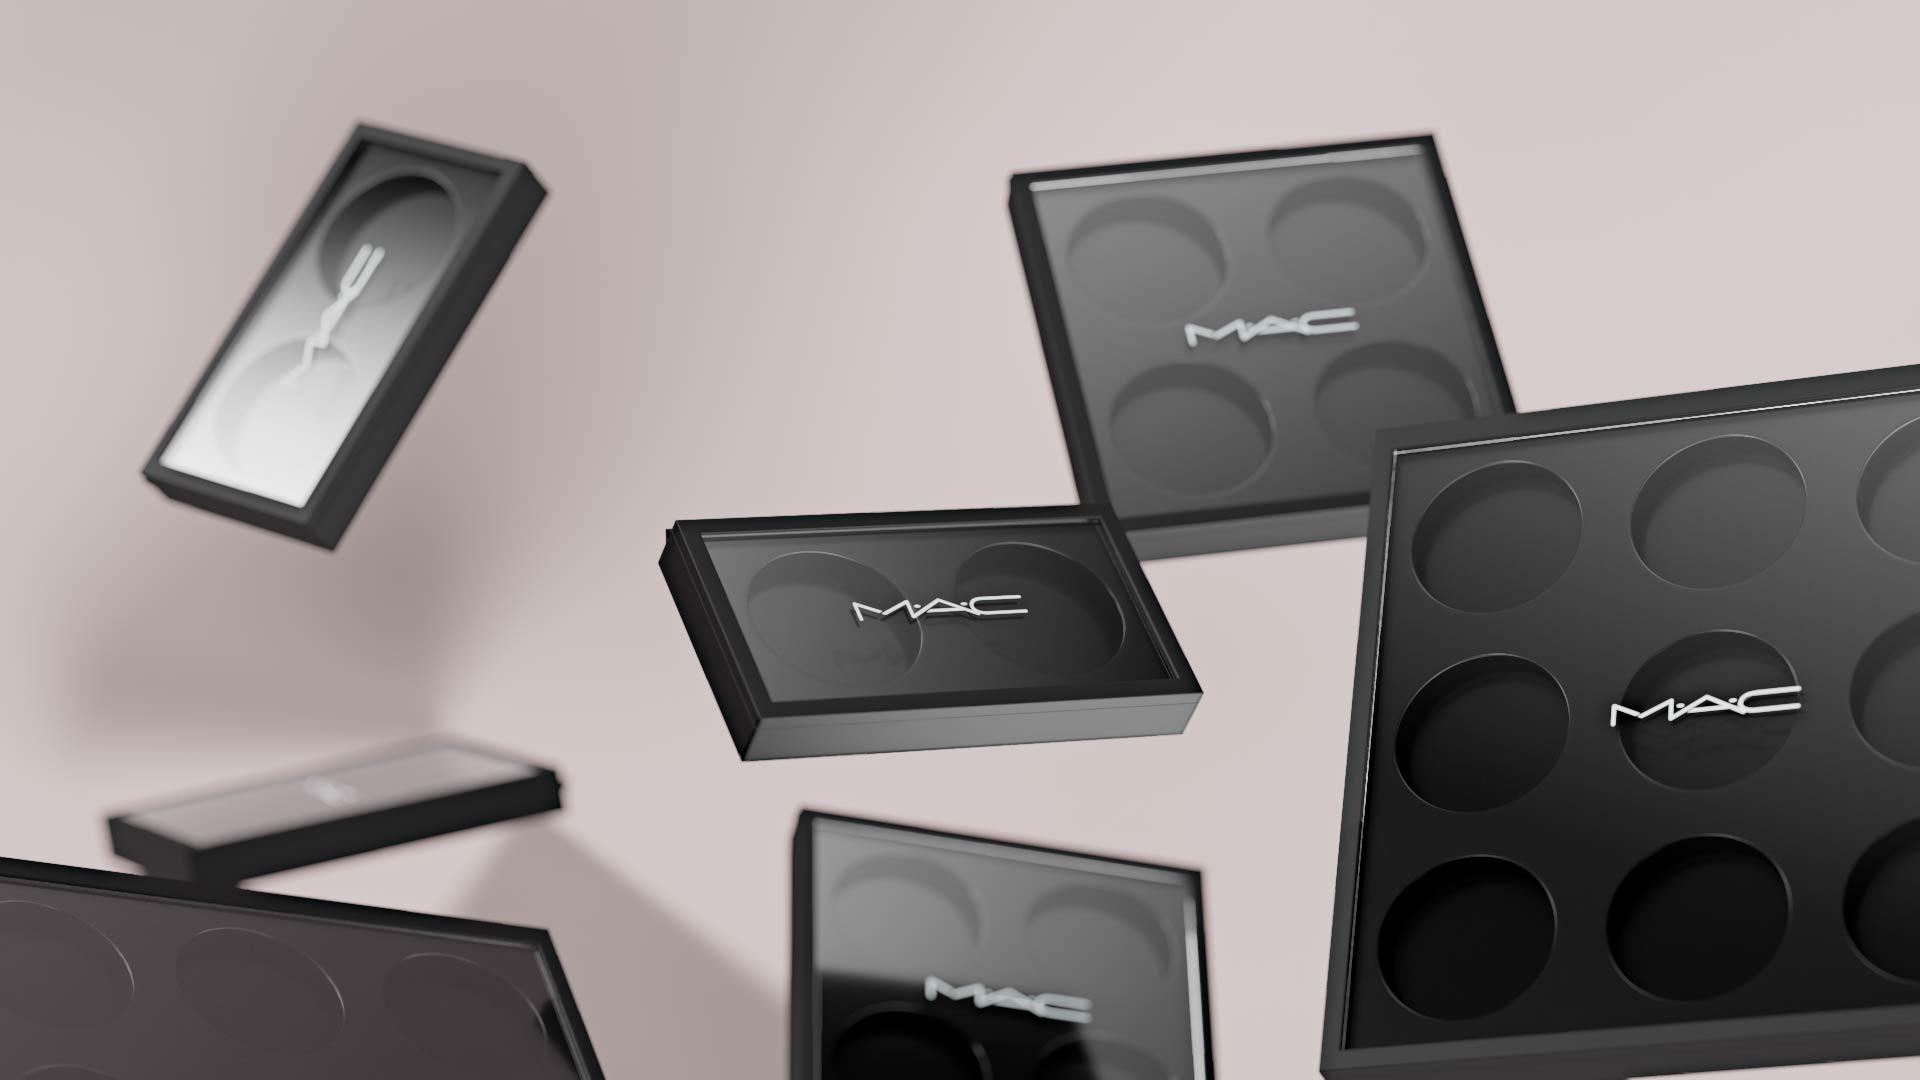 Close Up 3D render of cometics MAC products levitating